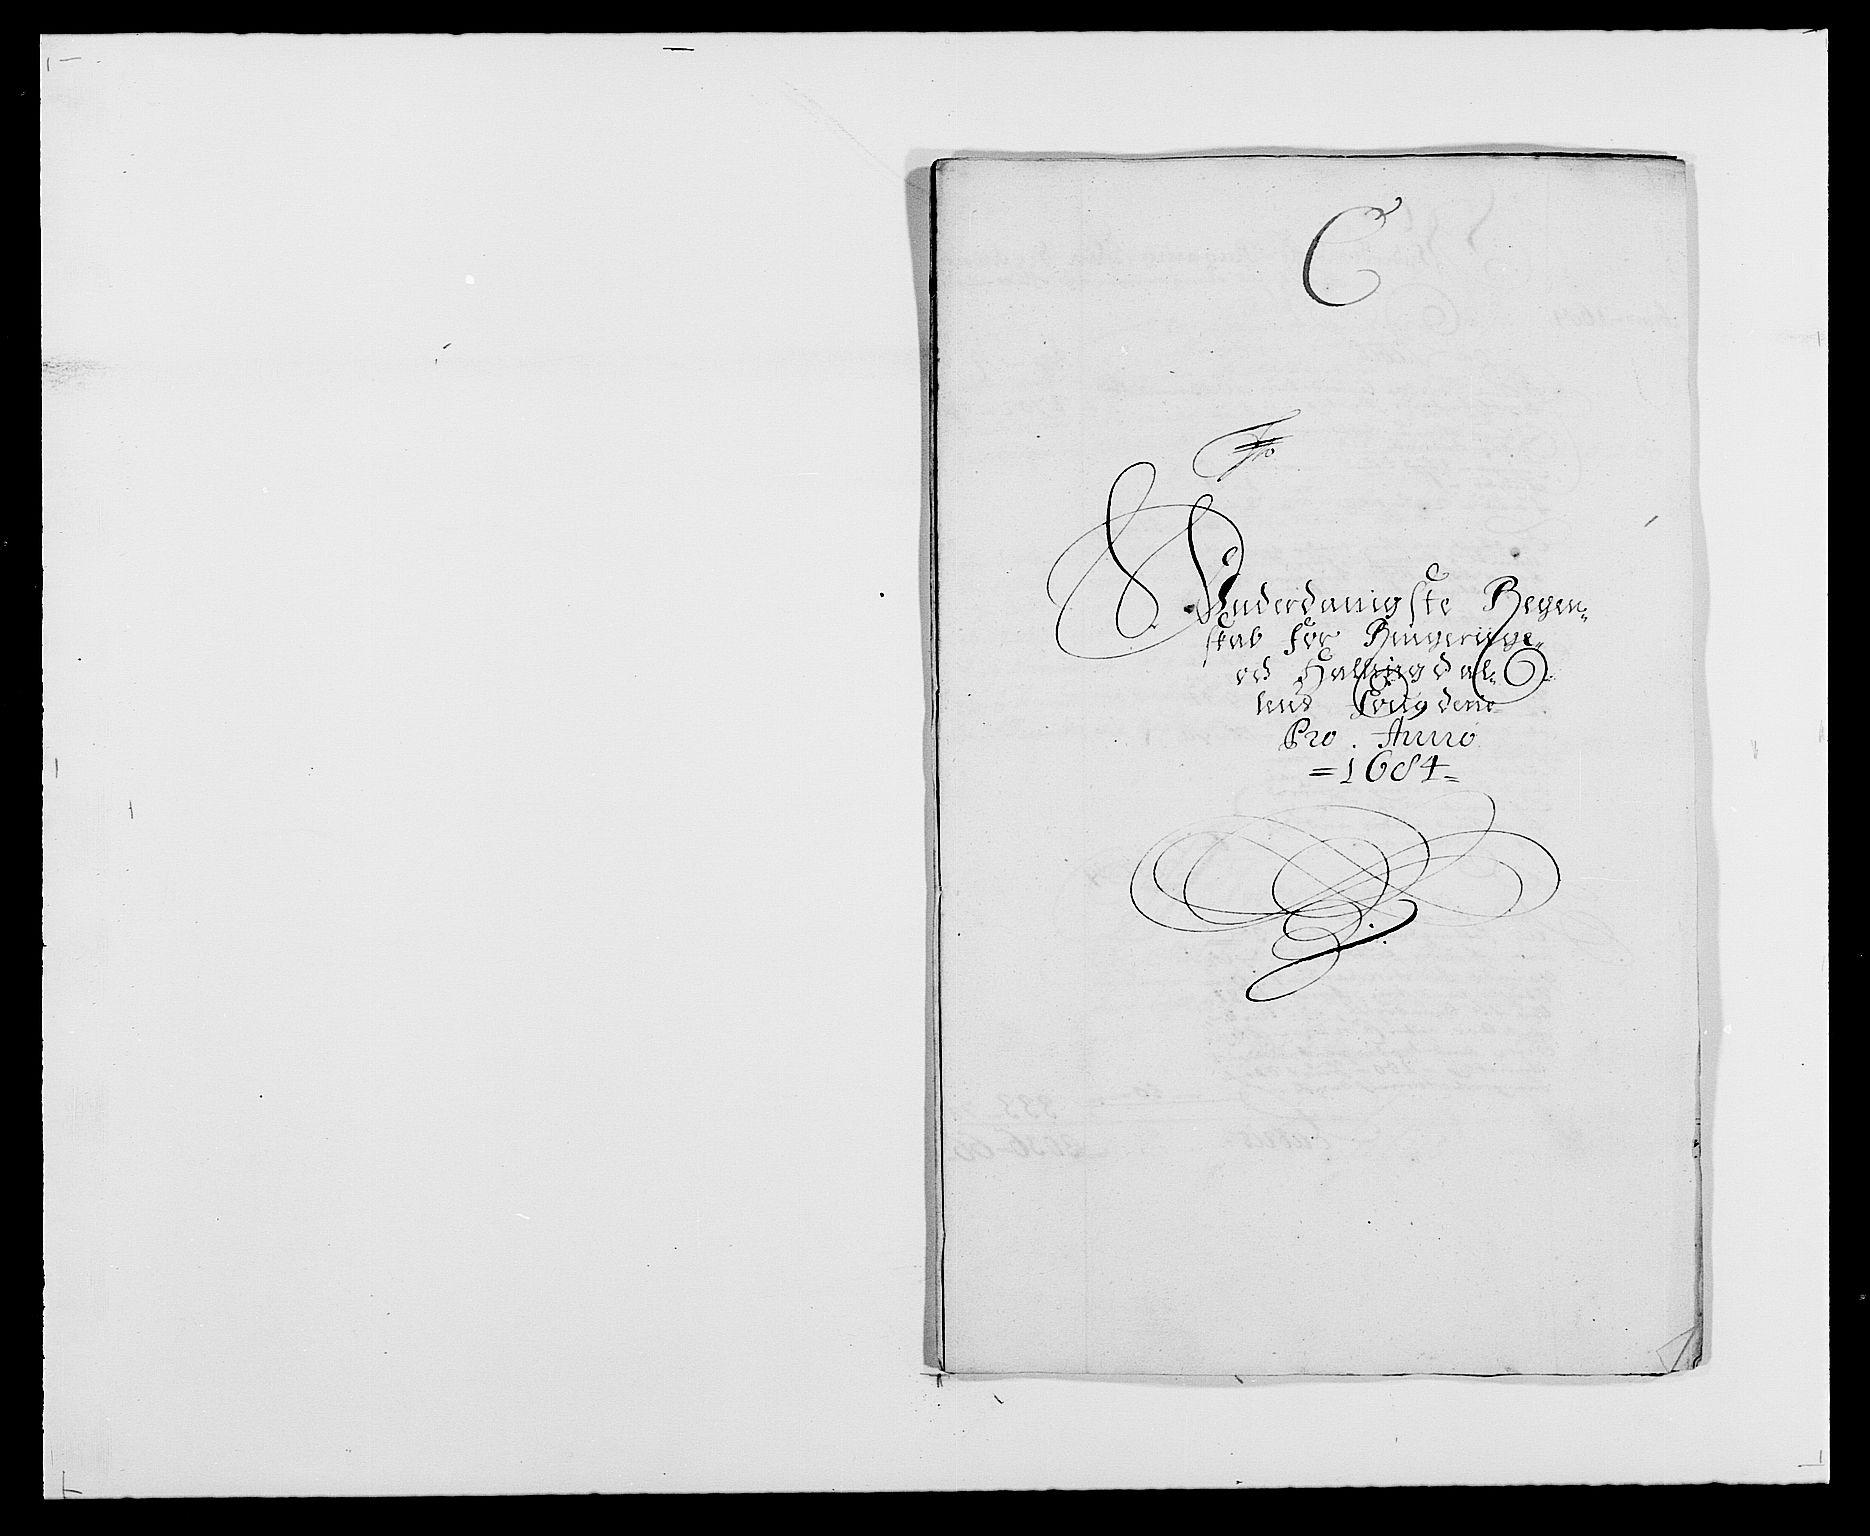 RA, Rentekammeret inntil 1814, Reviderte regnskaper, Fogderegnskap, R21/L1446: Fogderegnskap Ringerike og Hallingdal, 1683-1686, s. 157